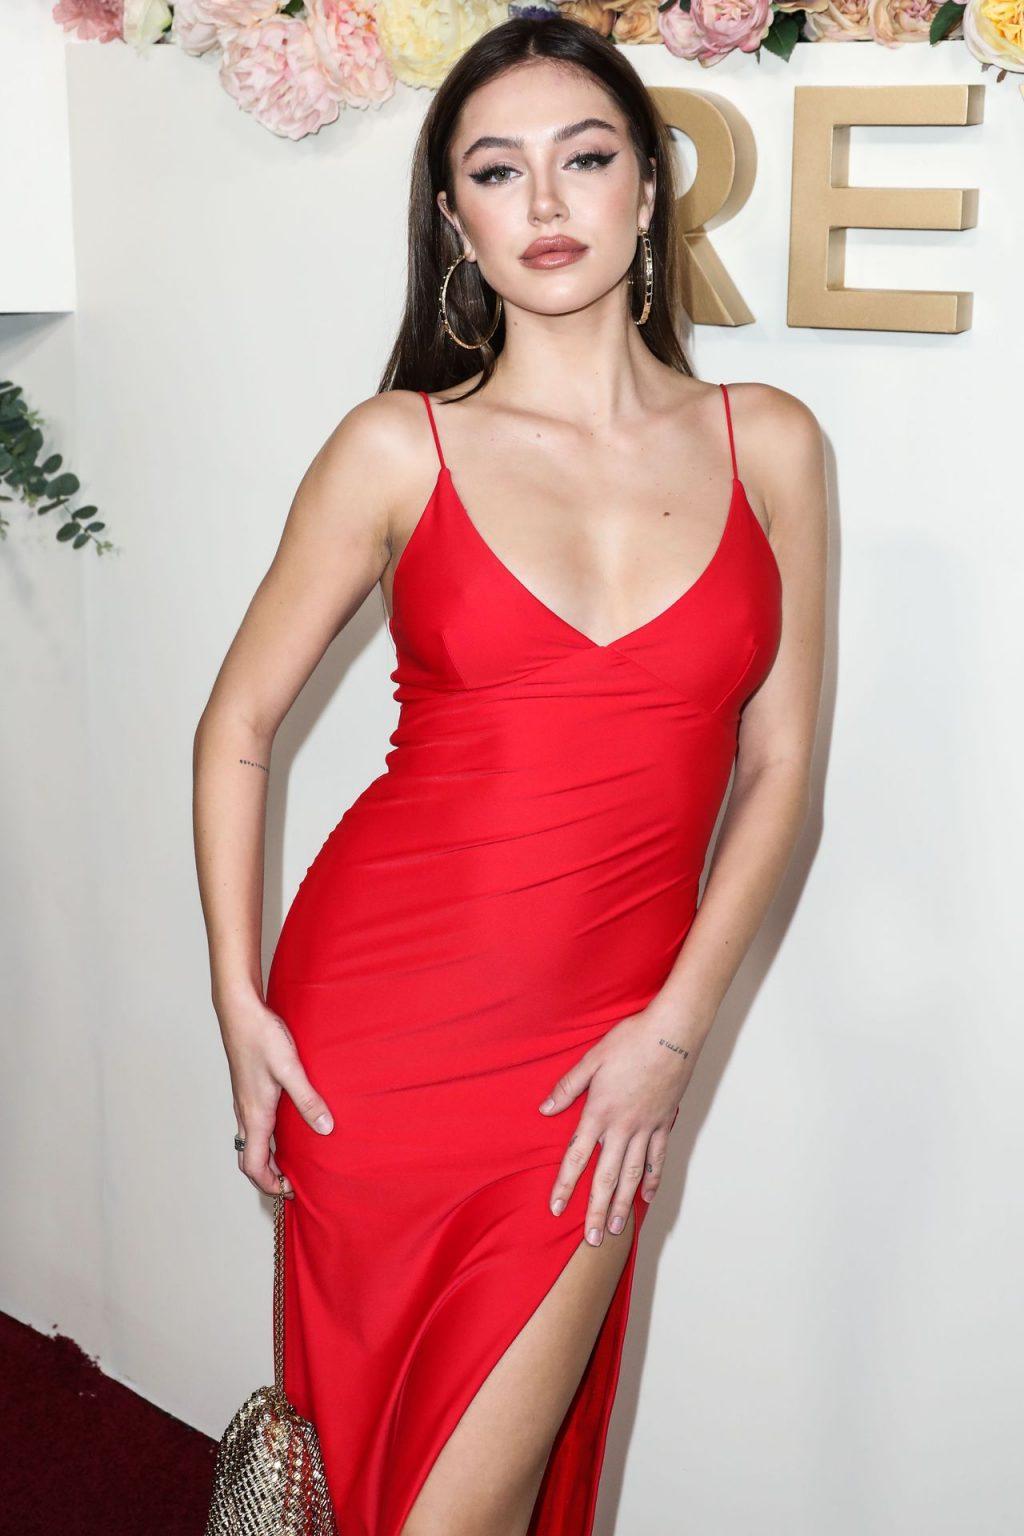 Delilah Belle Hamlin Sexy (42 Photos)